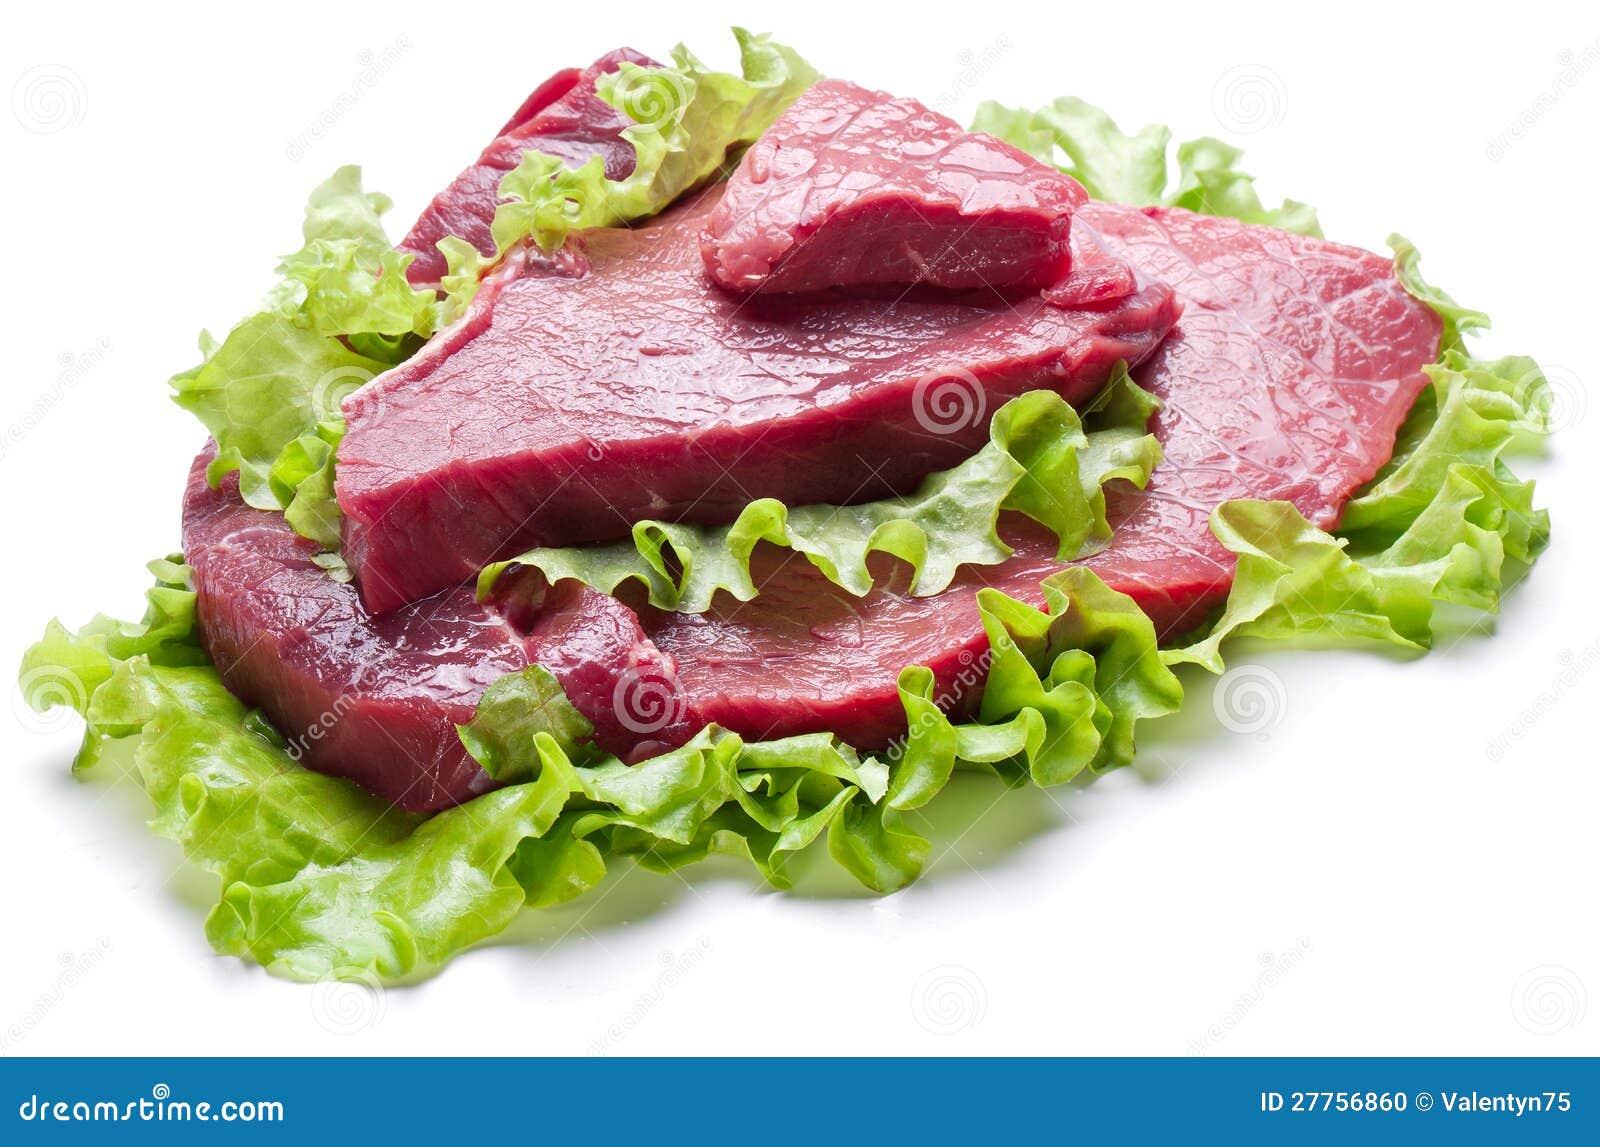 Viande crue sur des lames de laitue.